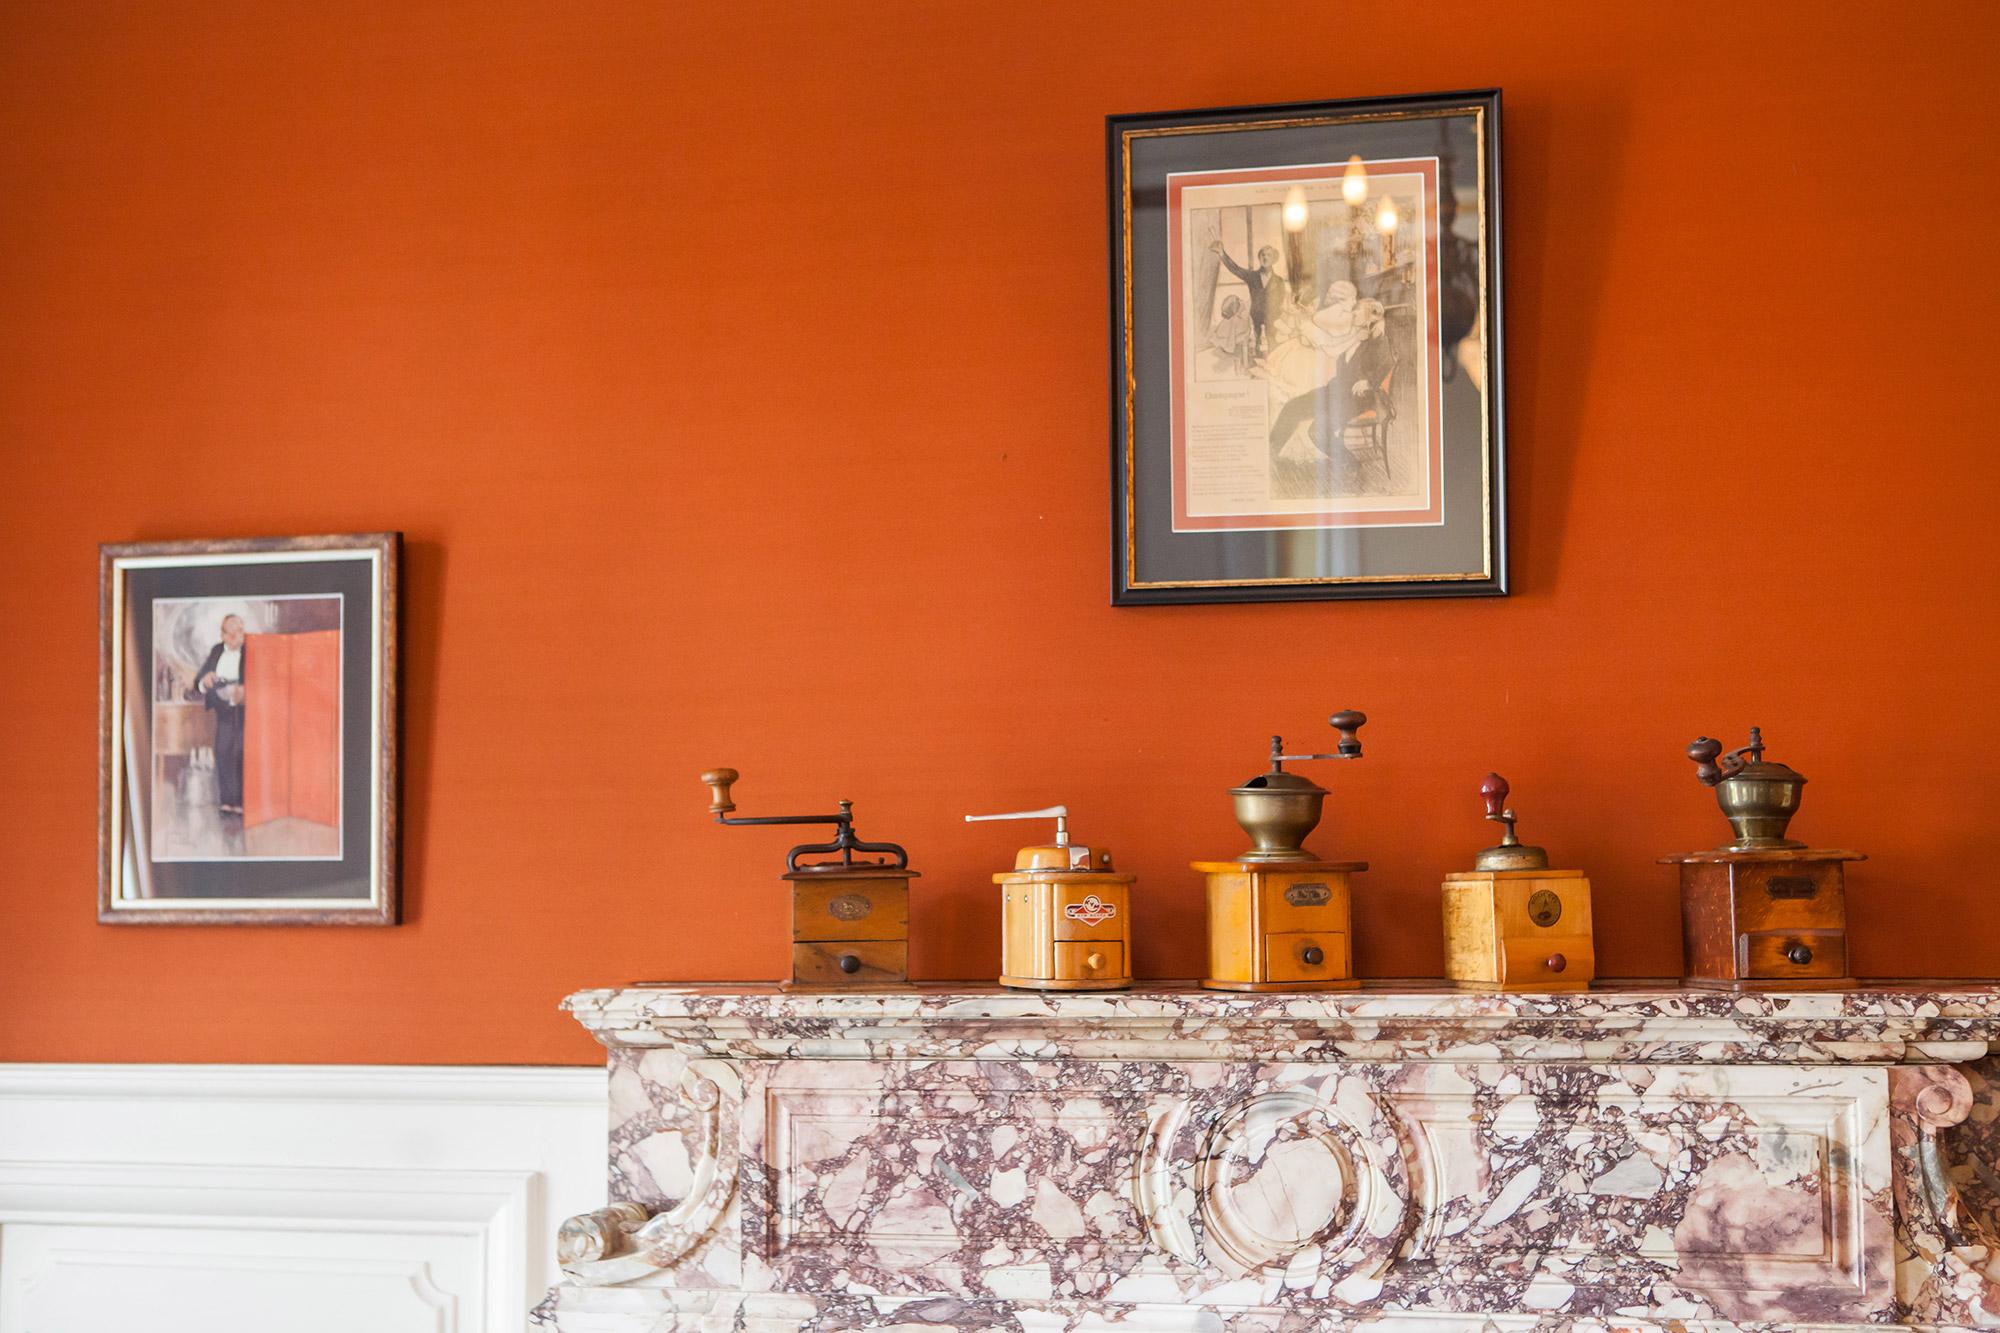 Moulin à café en éléments de décoration posés sur un manteau de cheminée